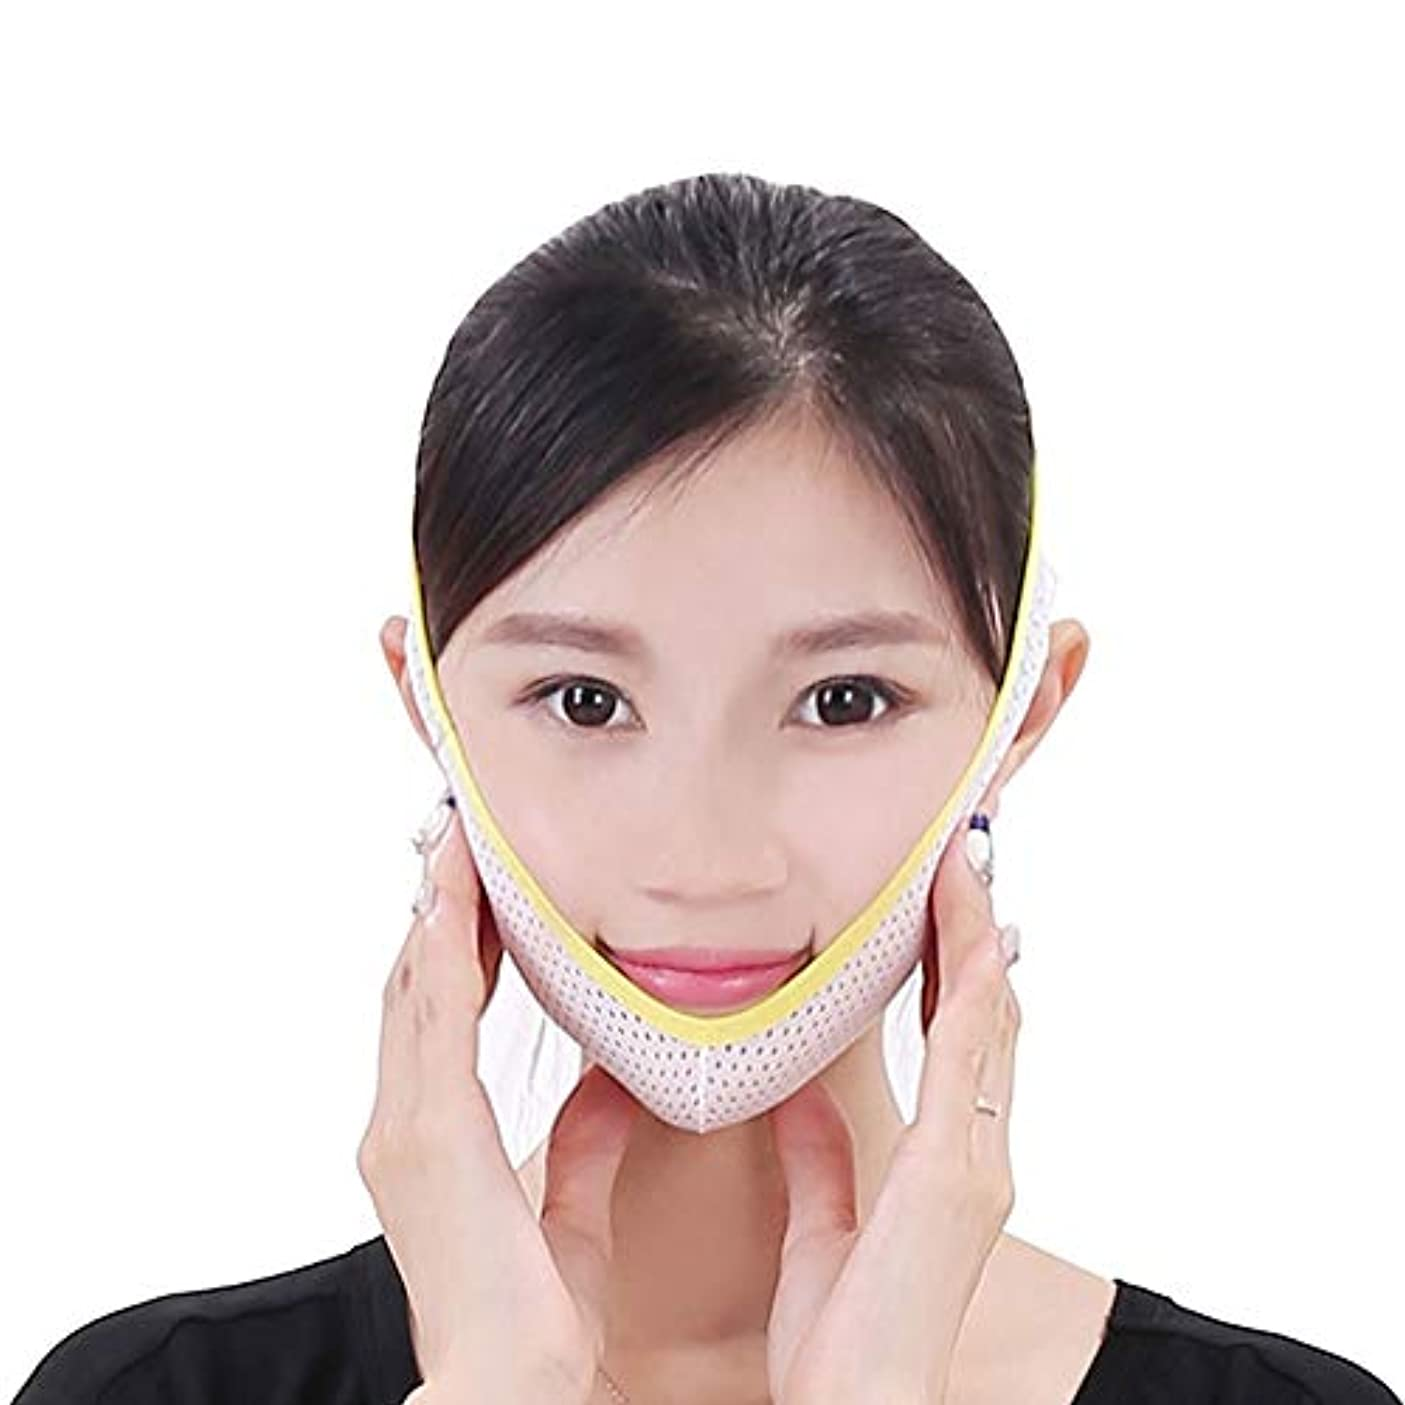 パーティション過度に温室GYZ フェイスリフティングマスクVフェイスリフティングシェーピング修正フェイスリフティング包帯ダブルチンフェイスリフトアーティファクト睡眠夏 Thin Face Belt